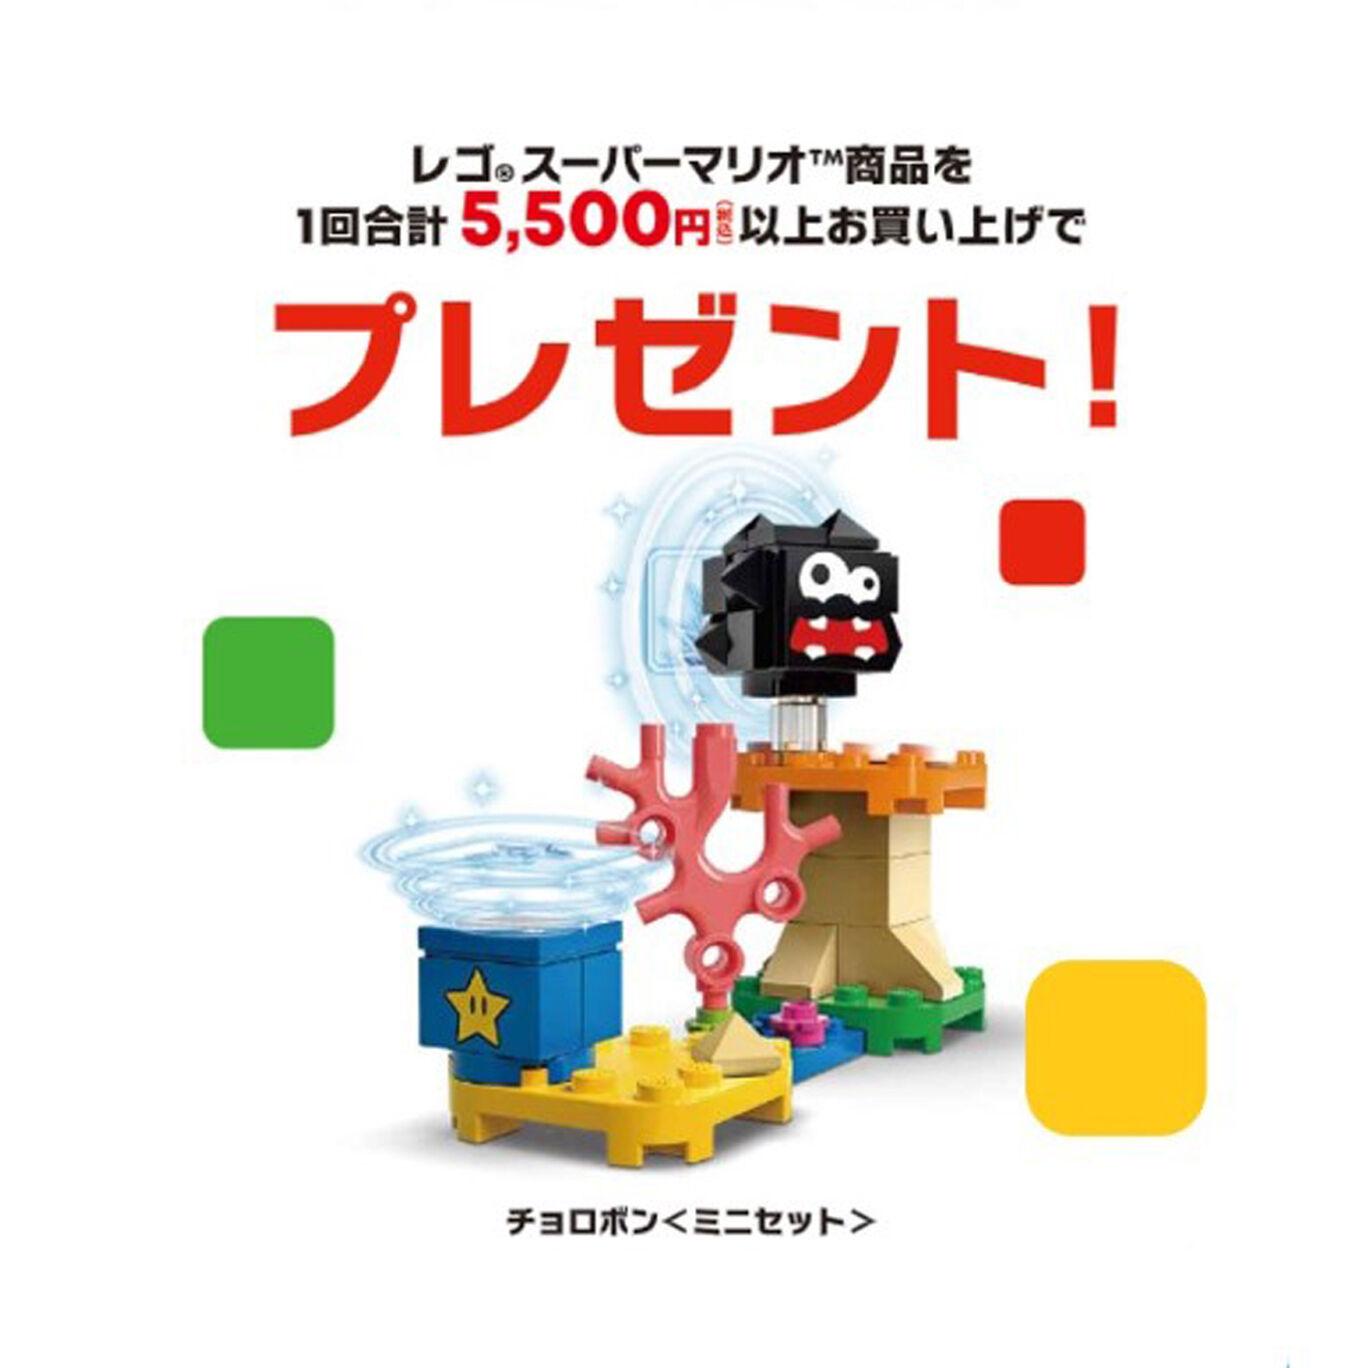 レゴ®スーパーマリオ キャラクター パック シリーズ3